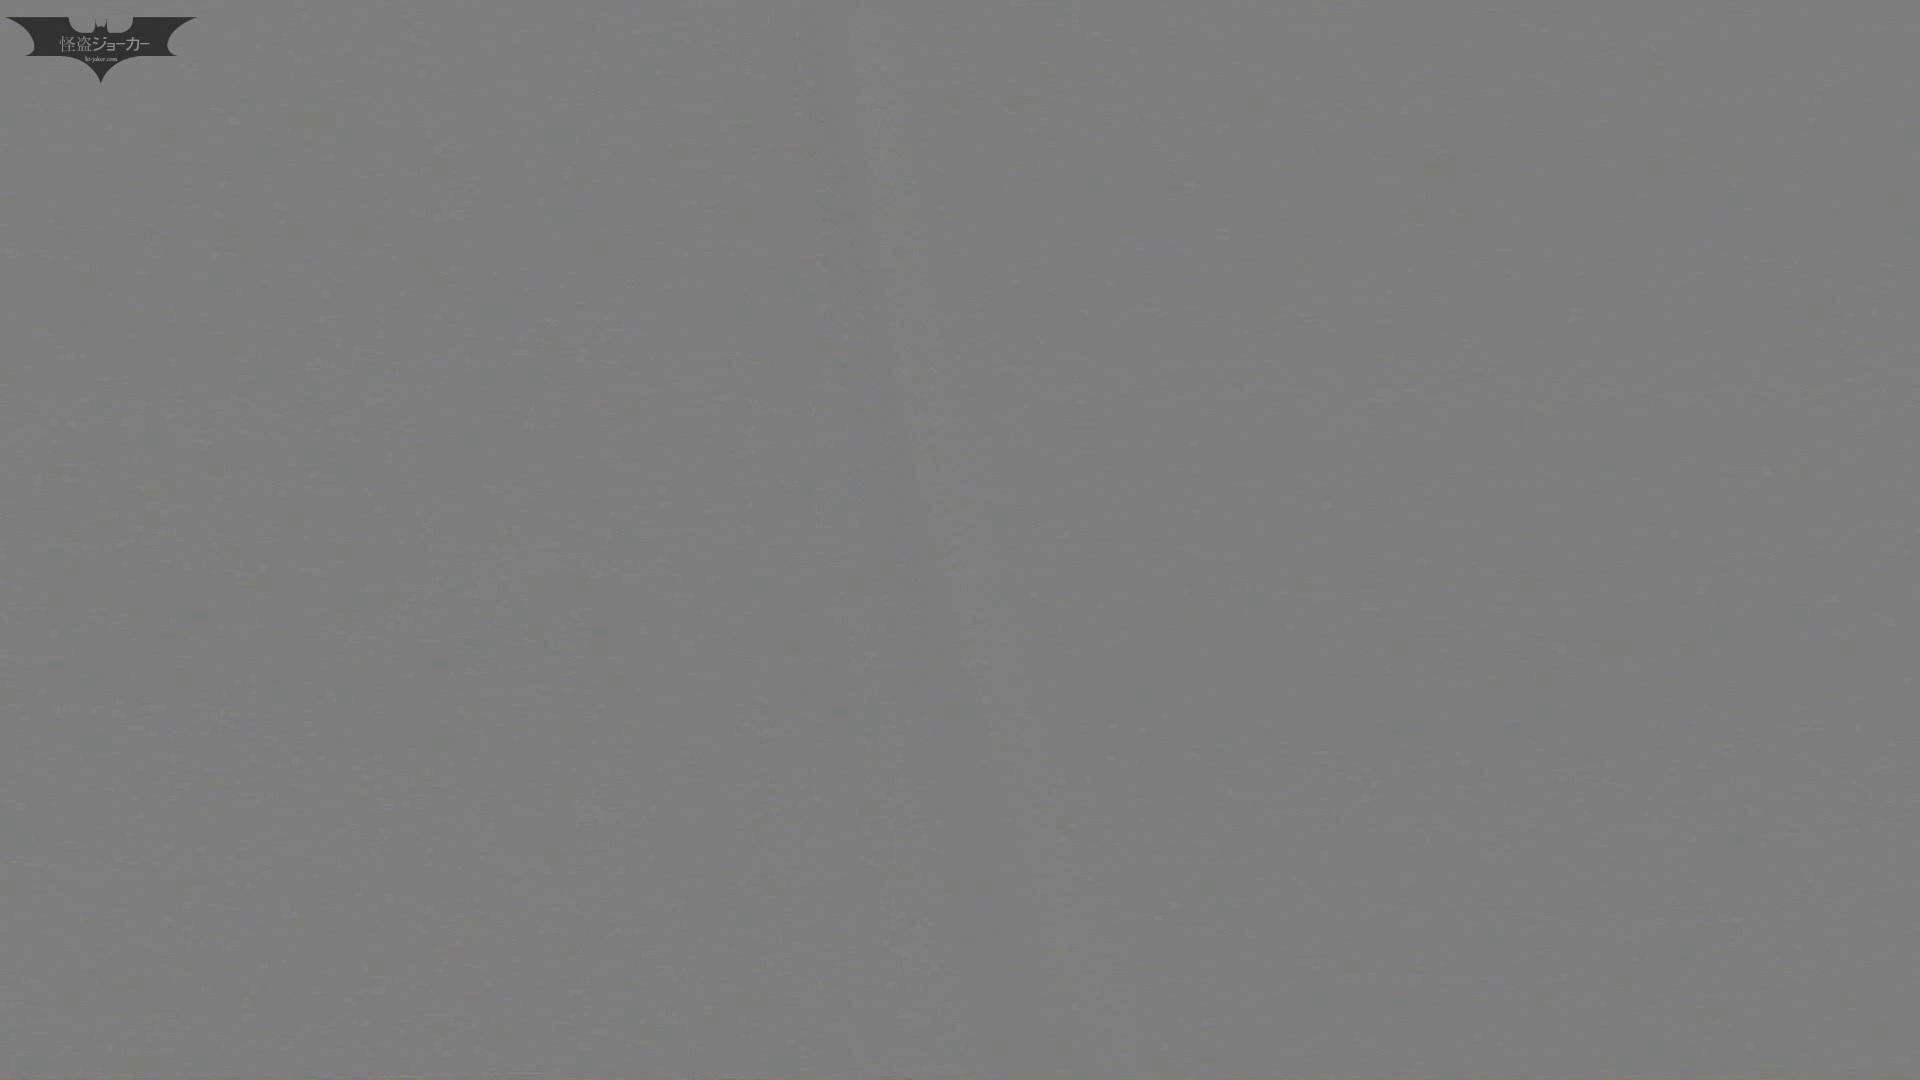 新世界の射窓 No64日本ギャル登場か?ハイヒール大特集! ギャル盗撮映像  84PIX 28